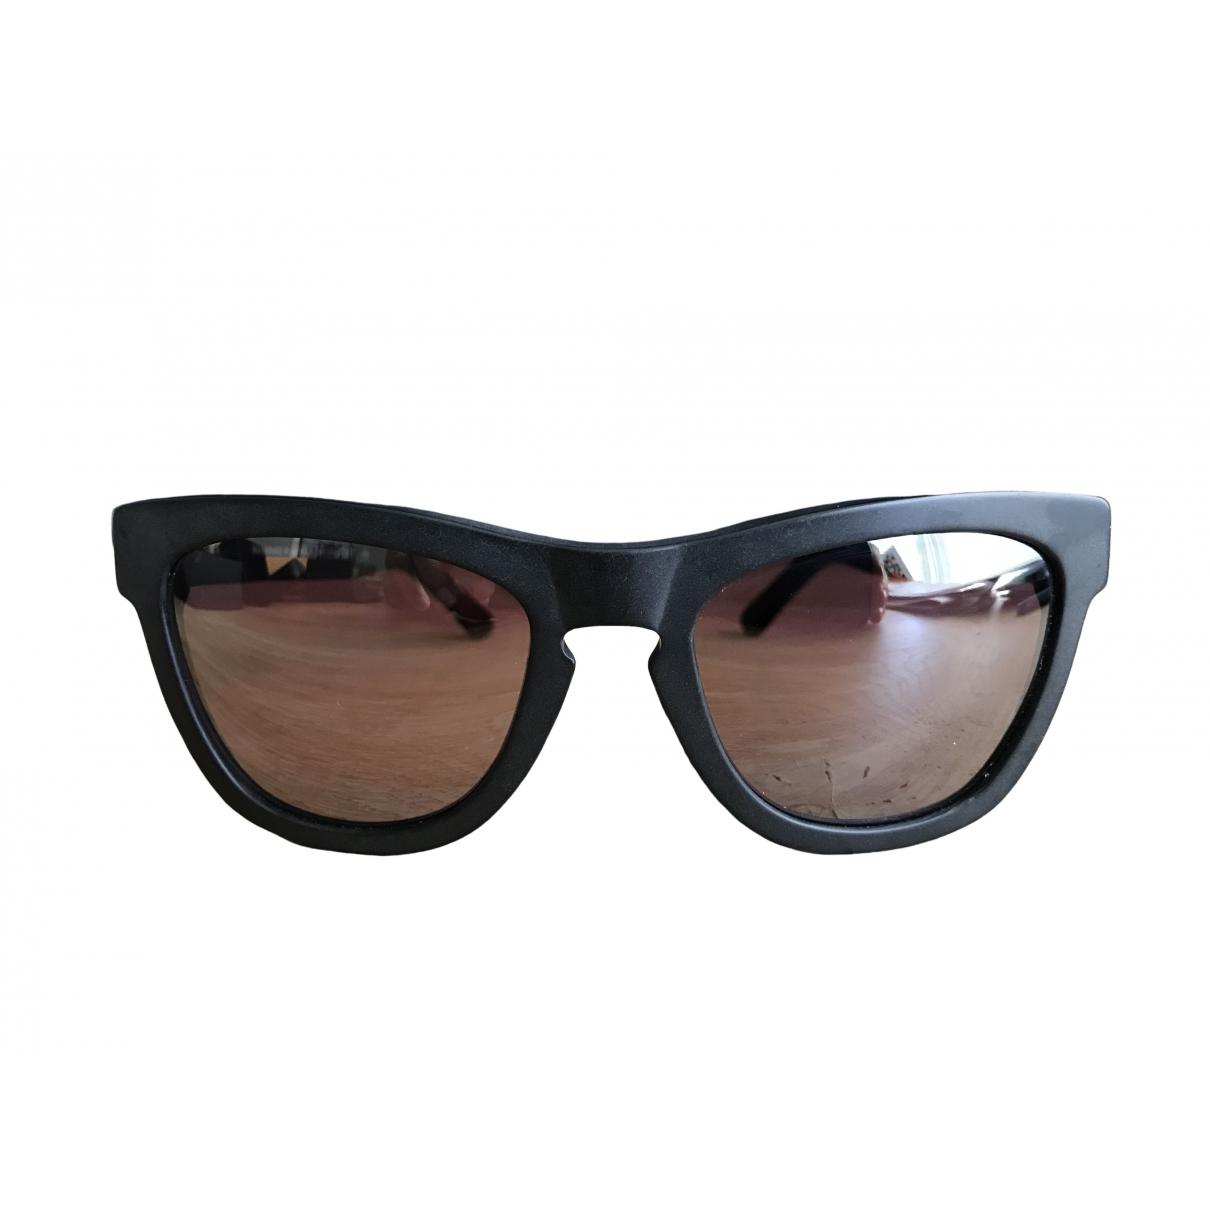 Gafas Westward Leaning